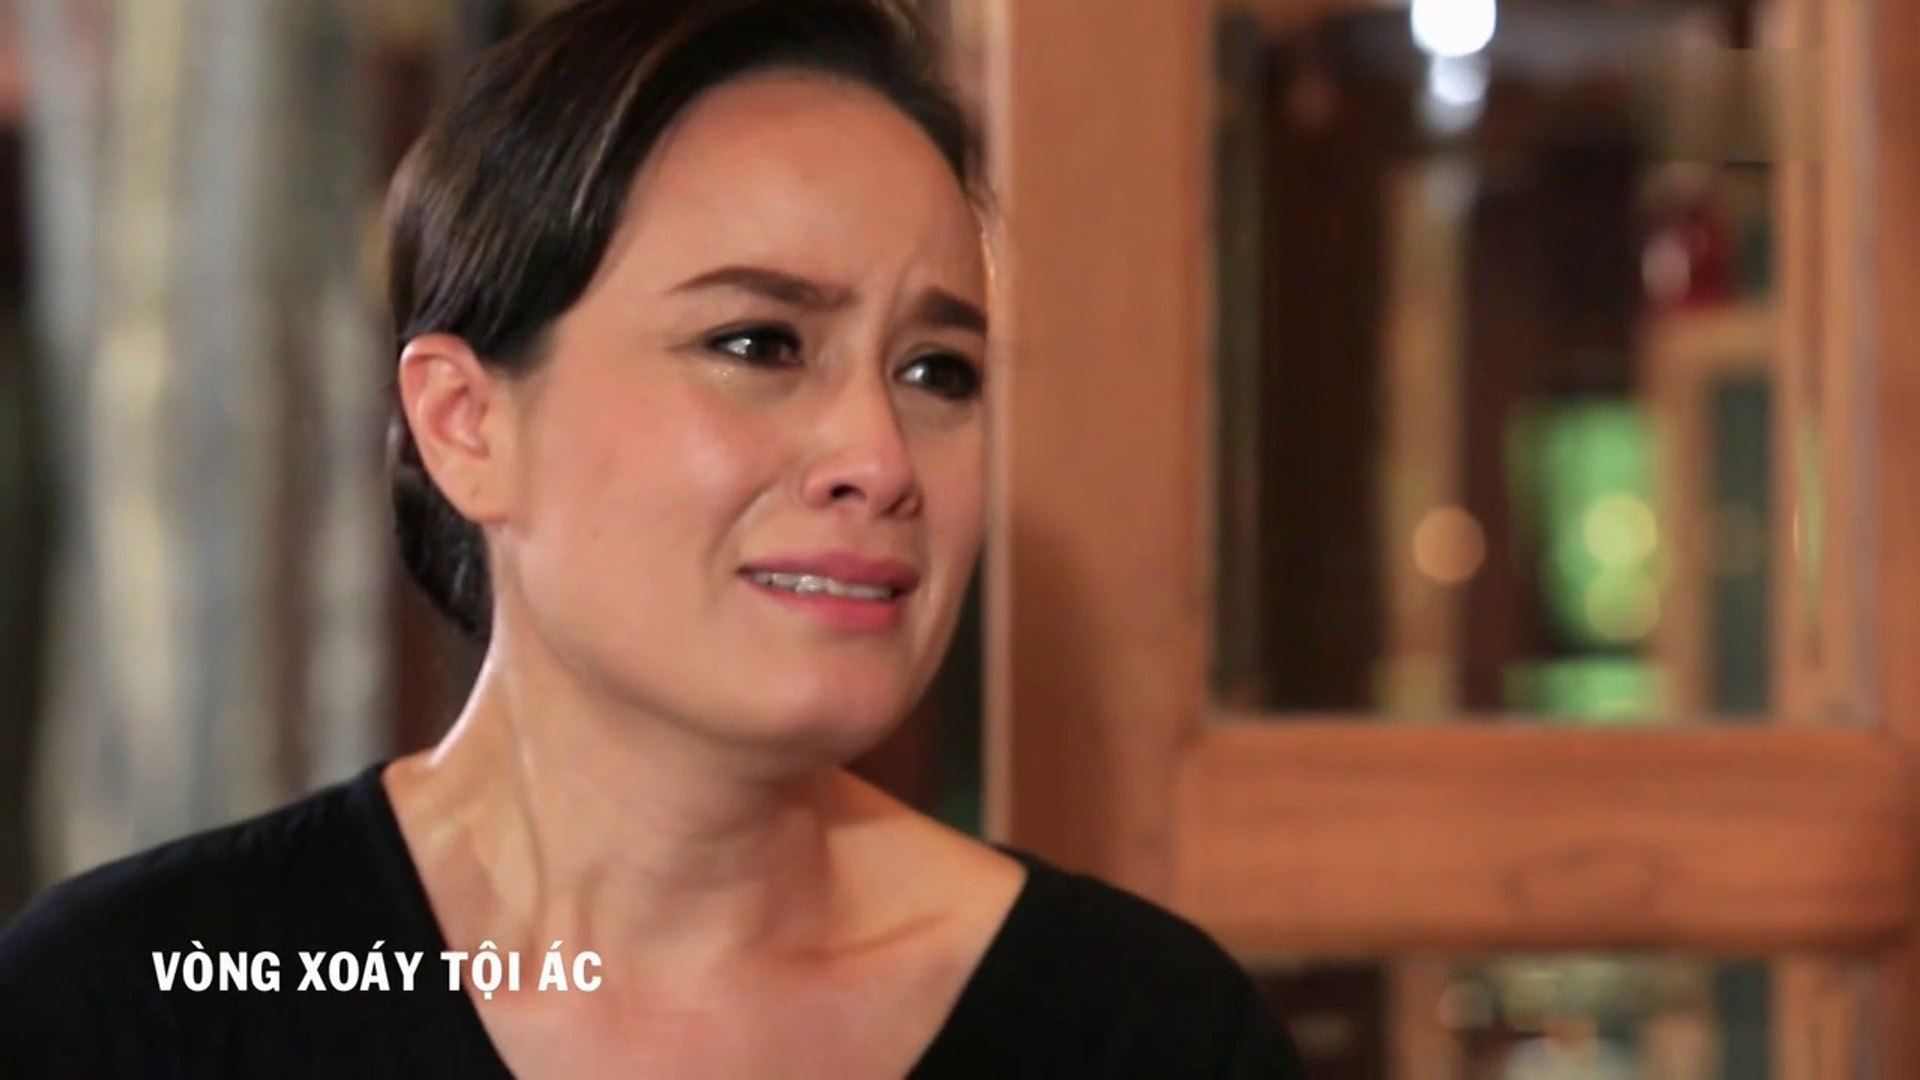 Vòng Xoáy Tội Ác Tập 22 - Phim Thái Lan Lồng Tiếng